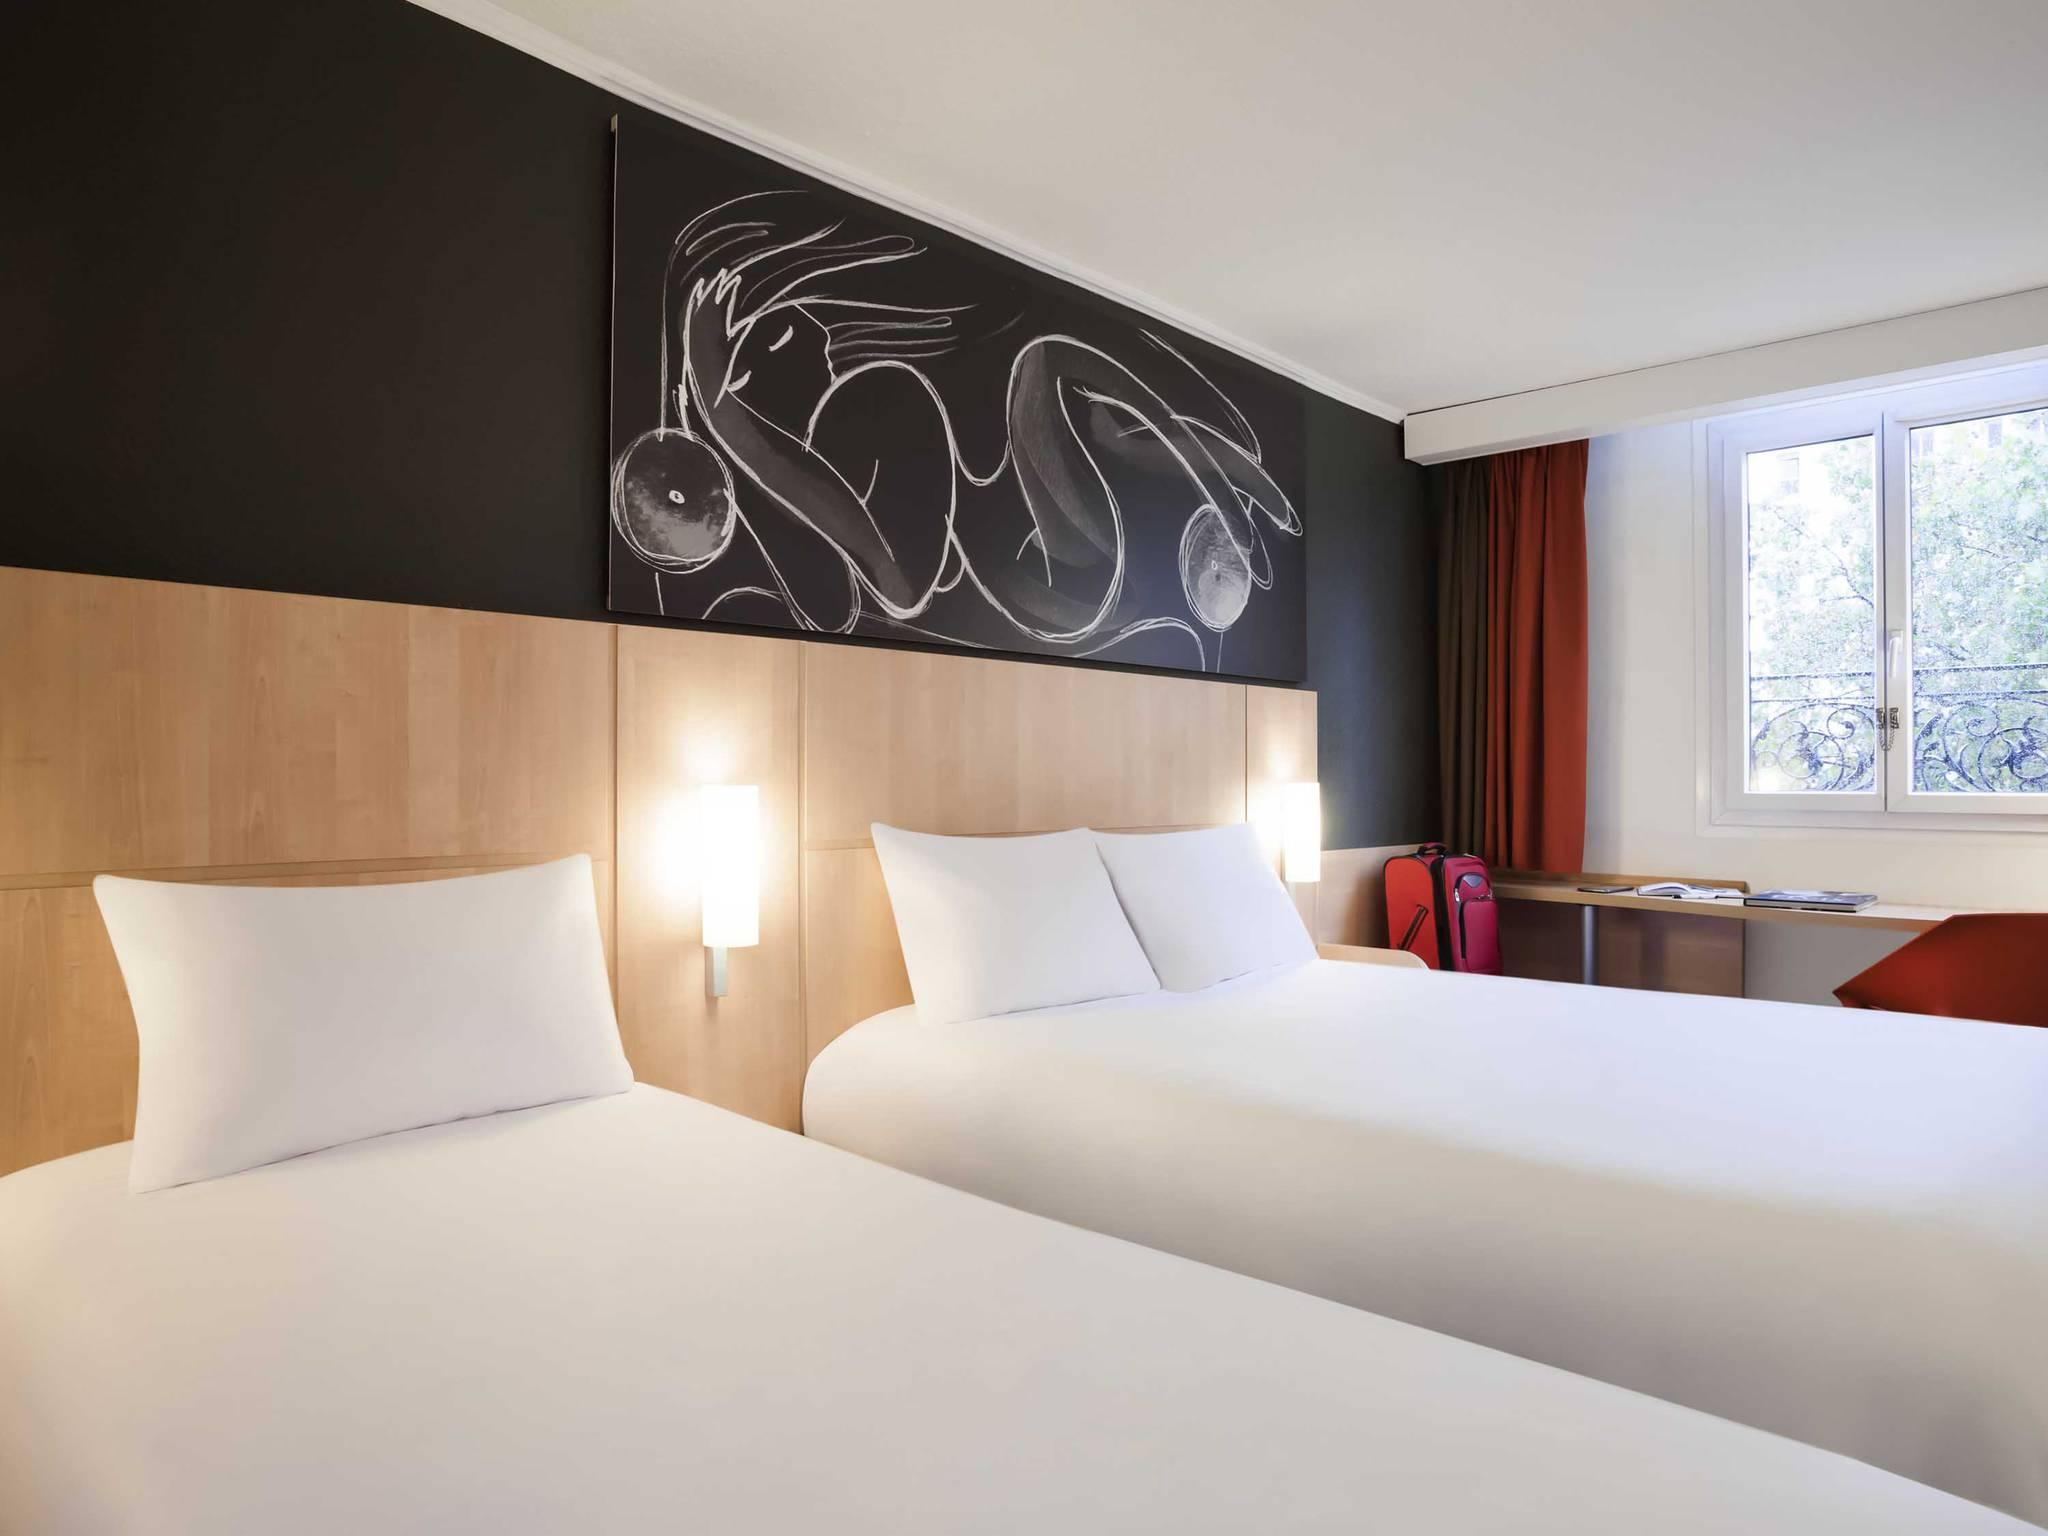 hotel in paris ibis paris maine montparnasse 14th